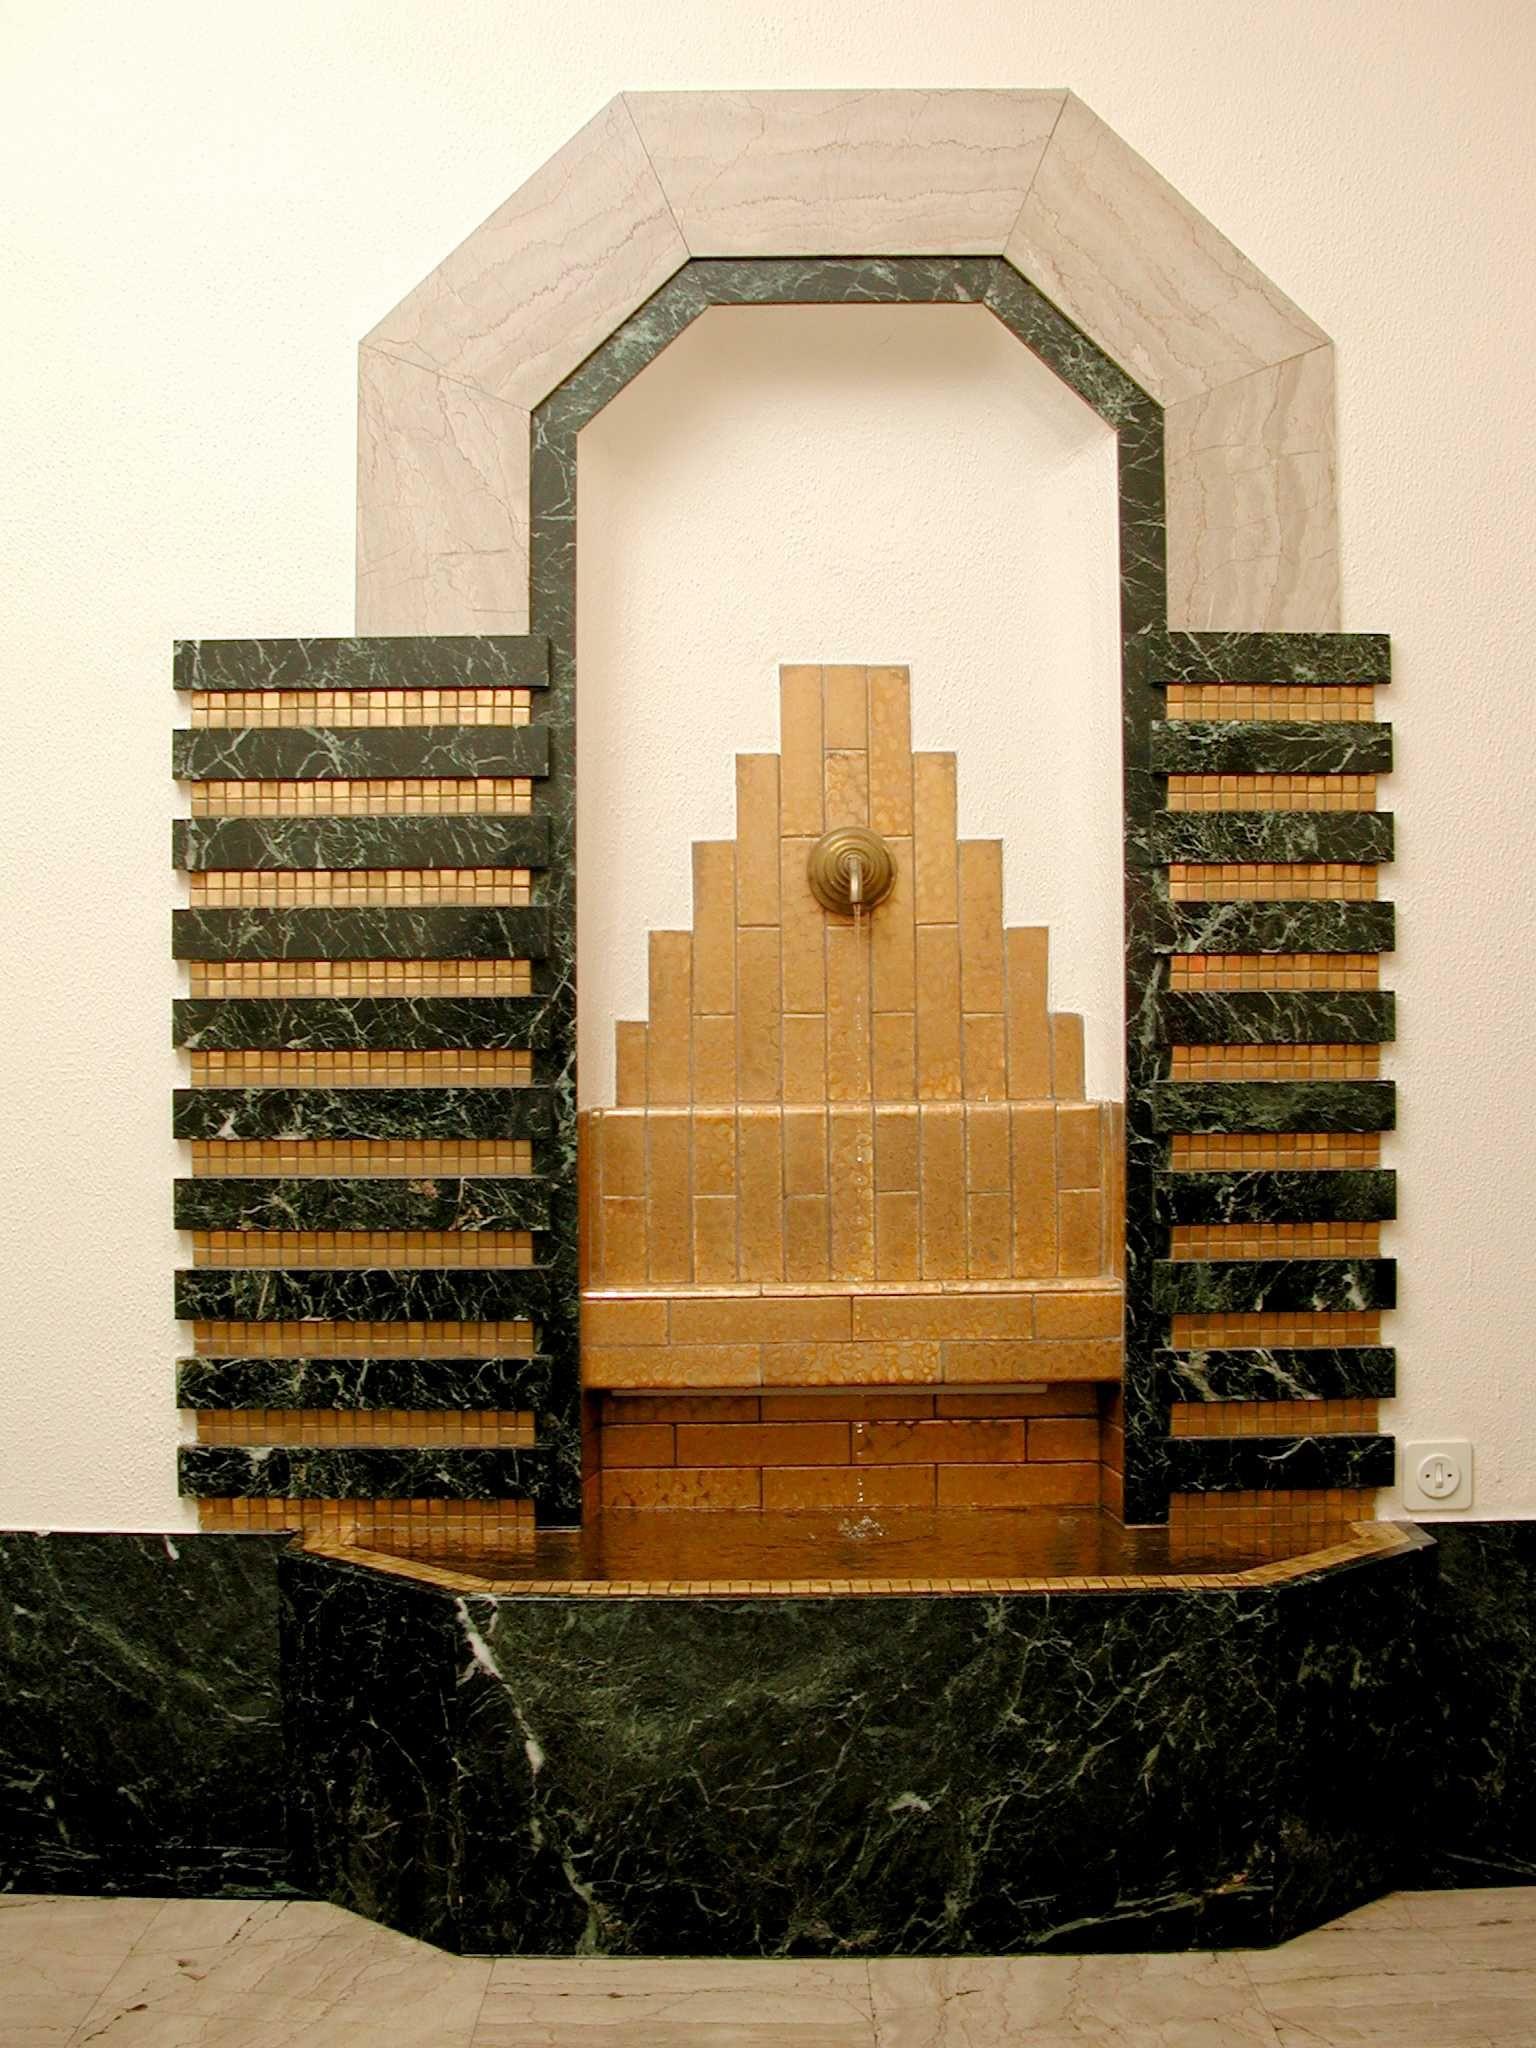 The Building Of The Museum In Brussels Clockarium Architecture Art Deco Art Deco Art Decoratif